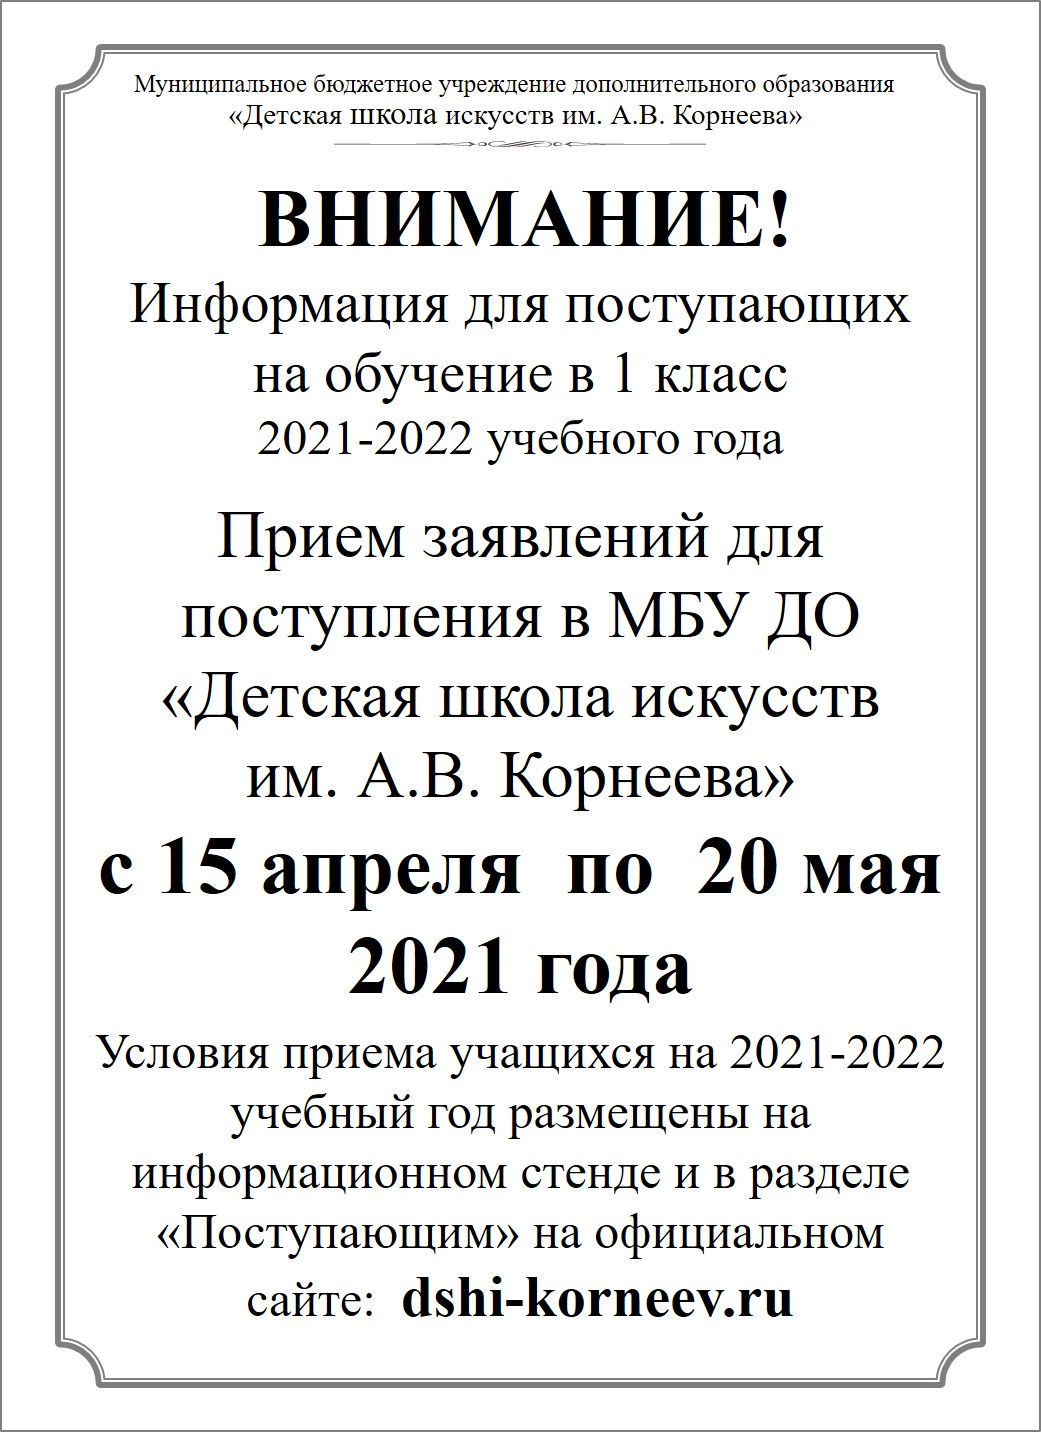 Объявление о приеме заявлений